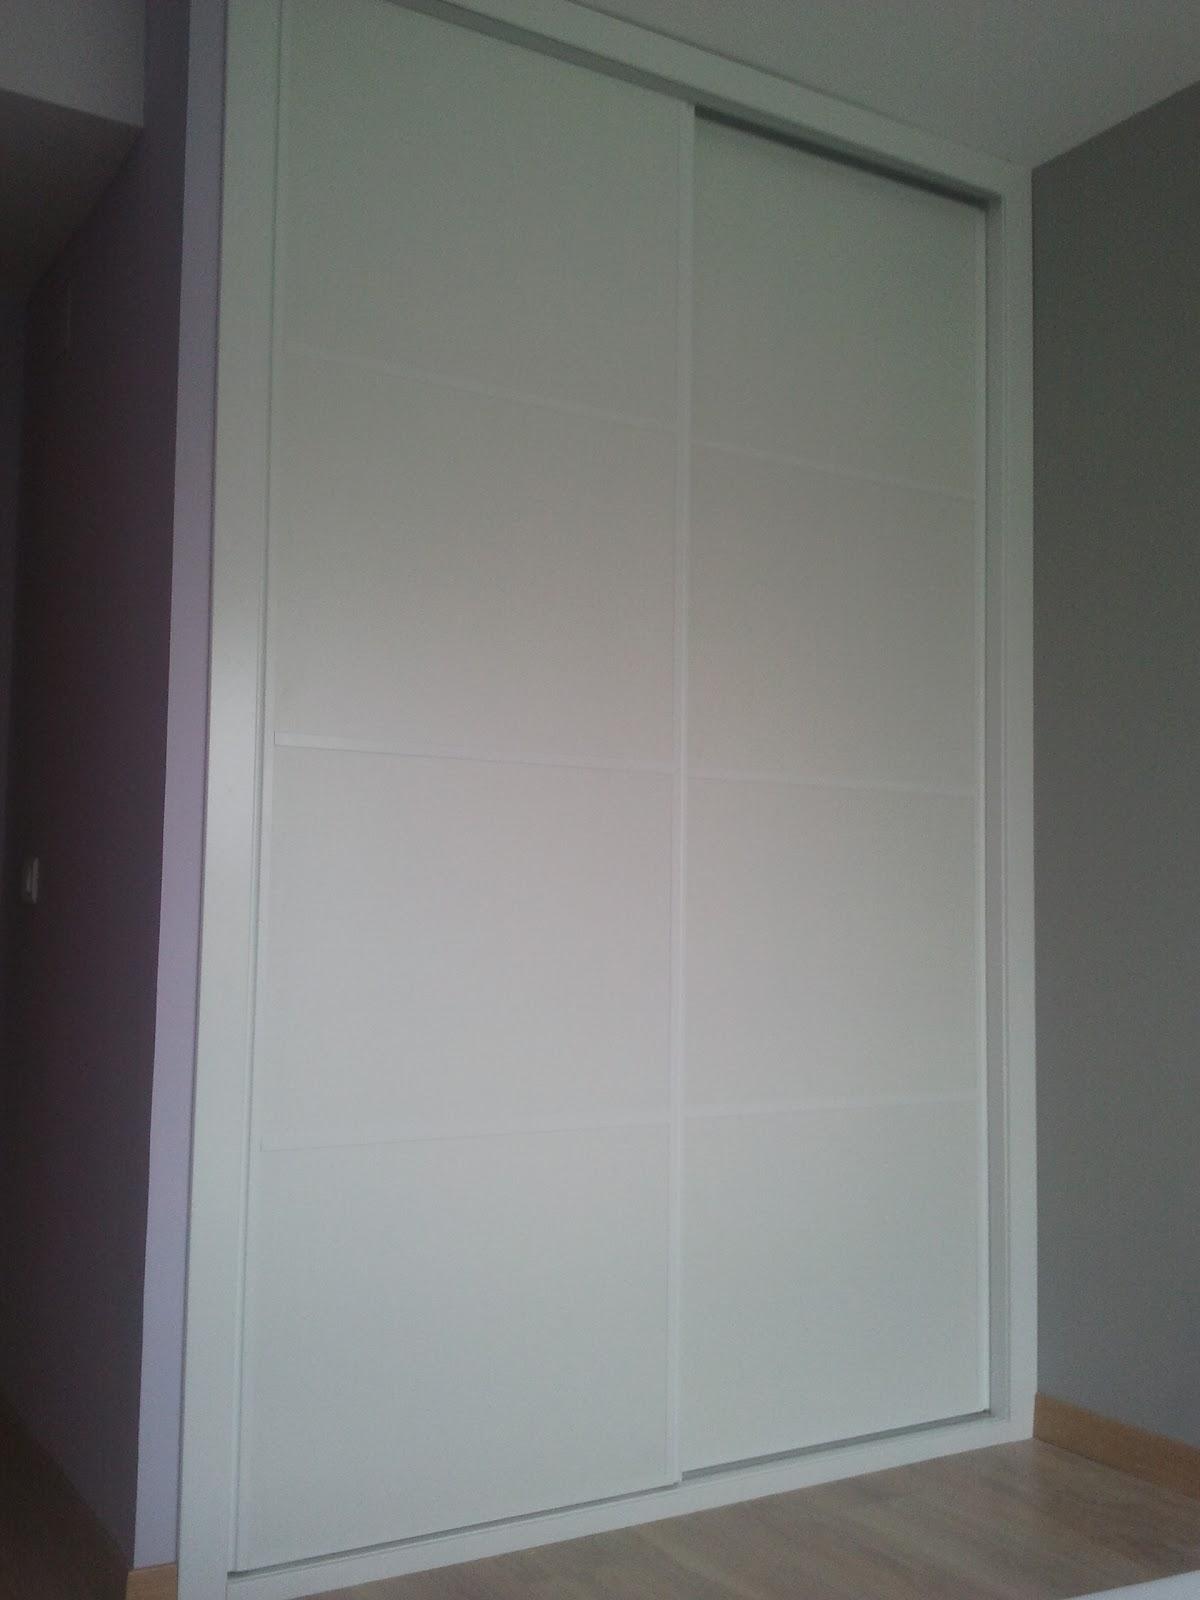 Montaje armario empotrado puertas correderas lacado blanco - Puertas correderas armario empotrado ...